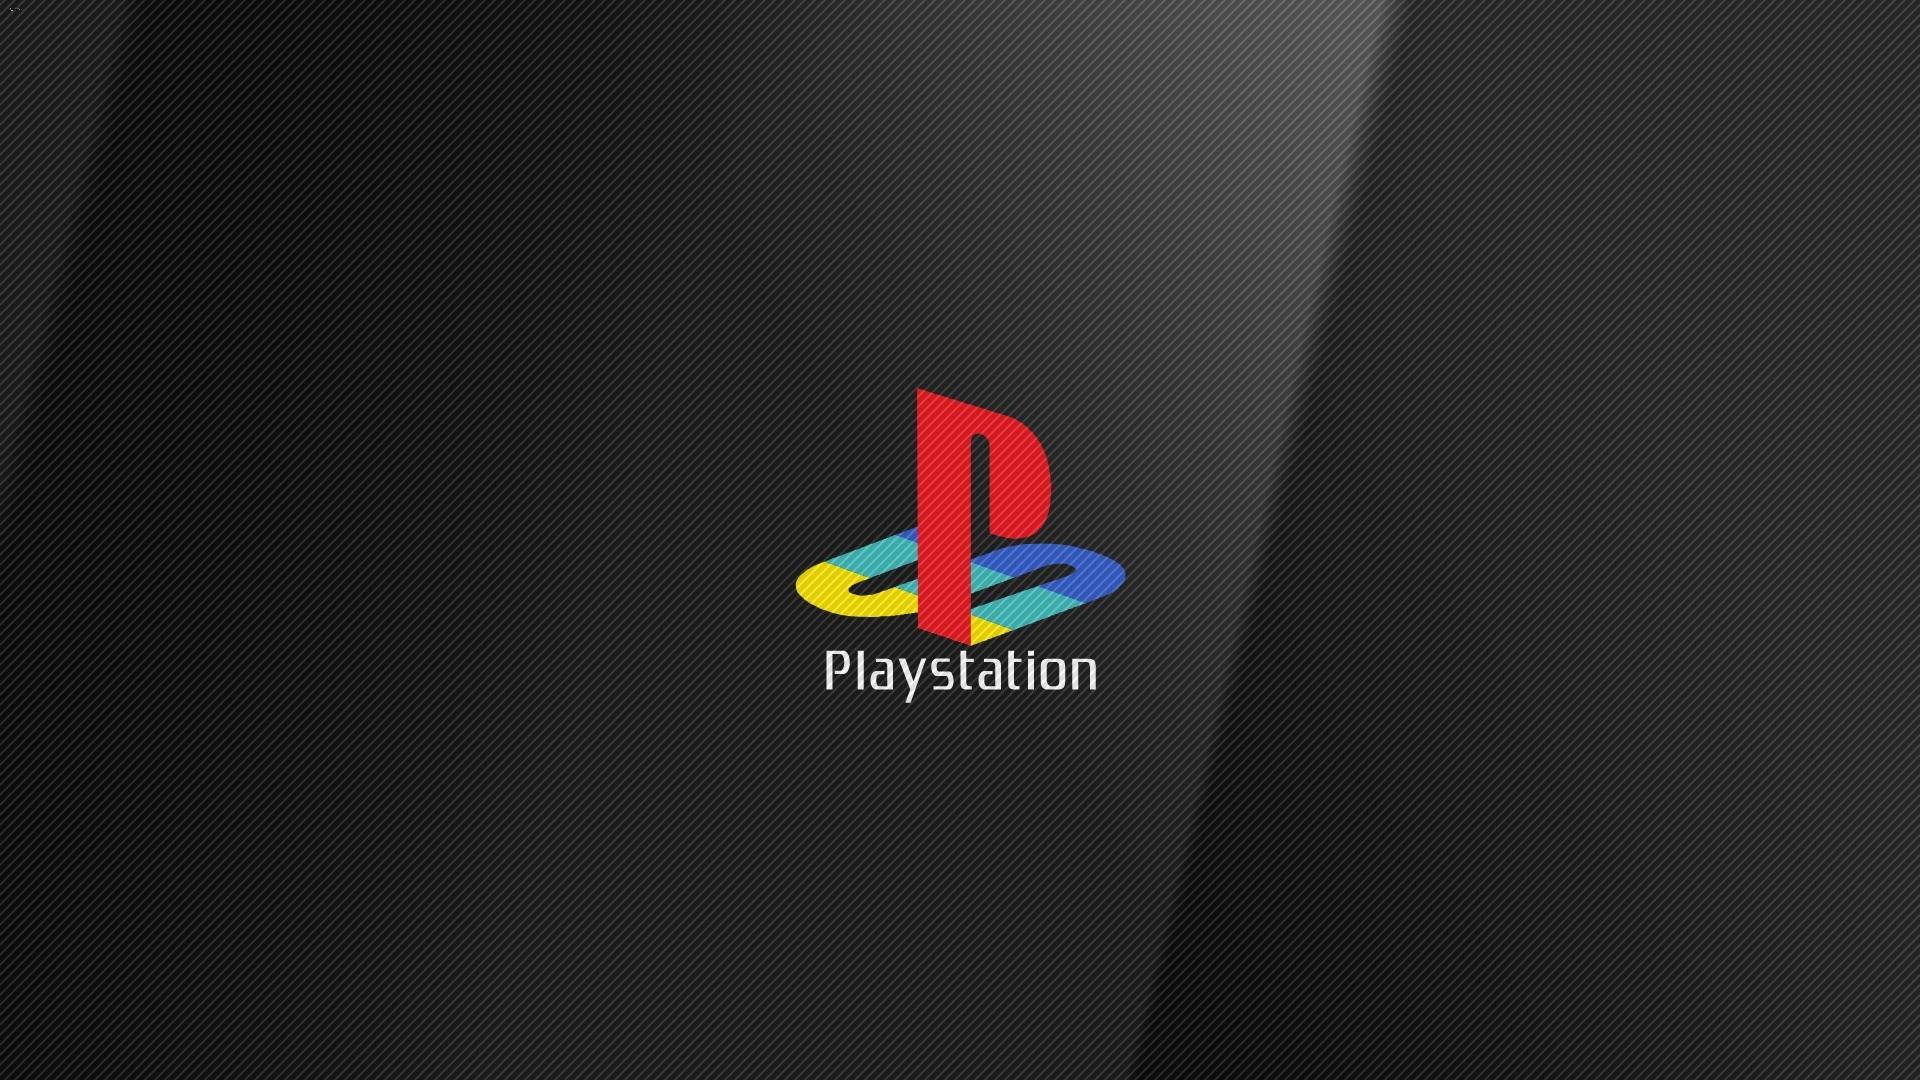 壁紙 ソニーのプレイステーションのロゴ